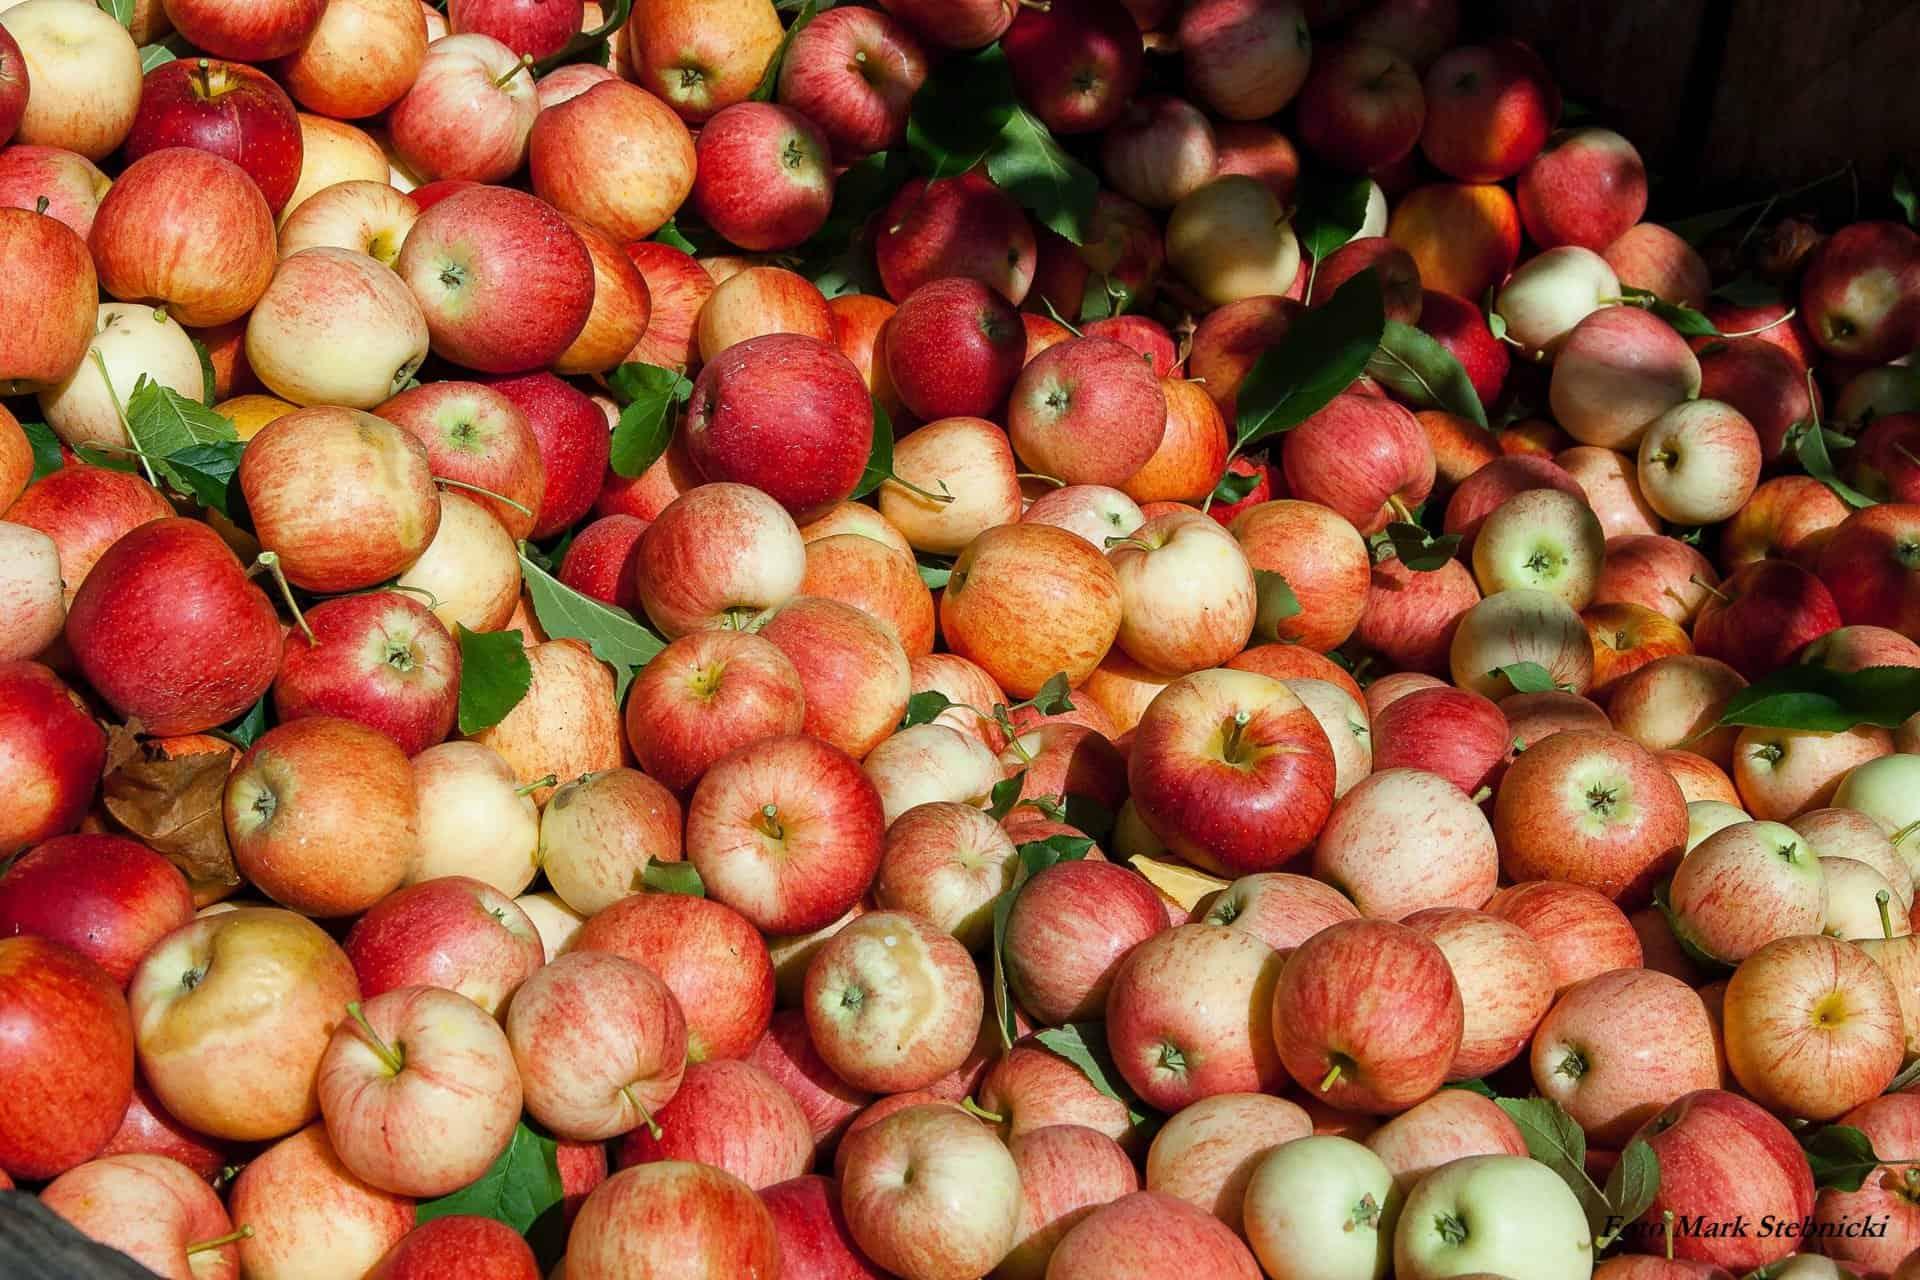 Saftpresse, Apfelernte